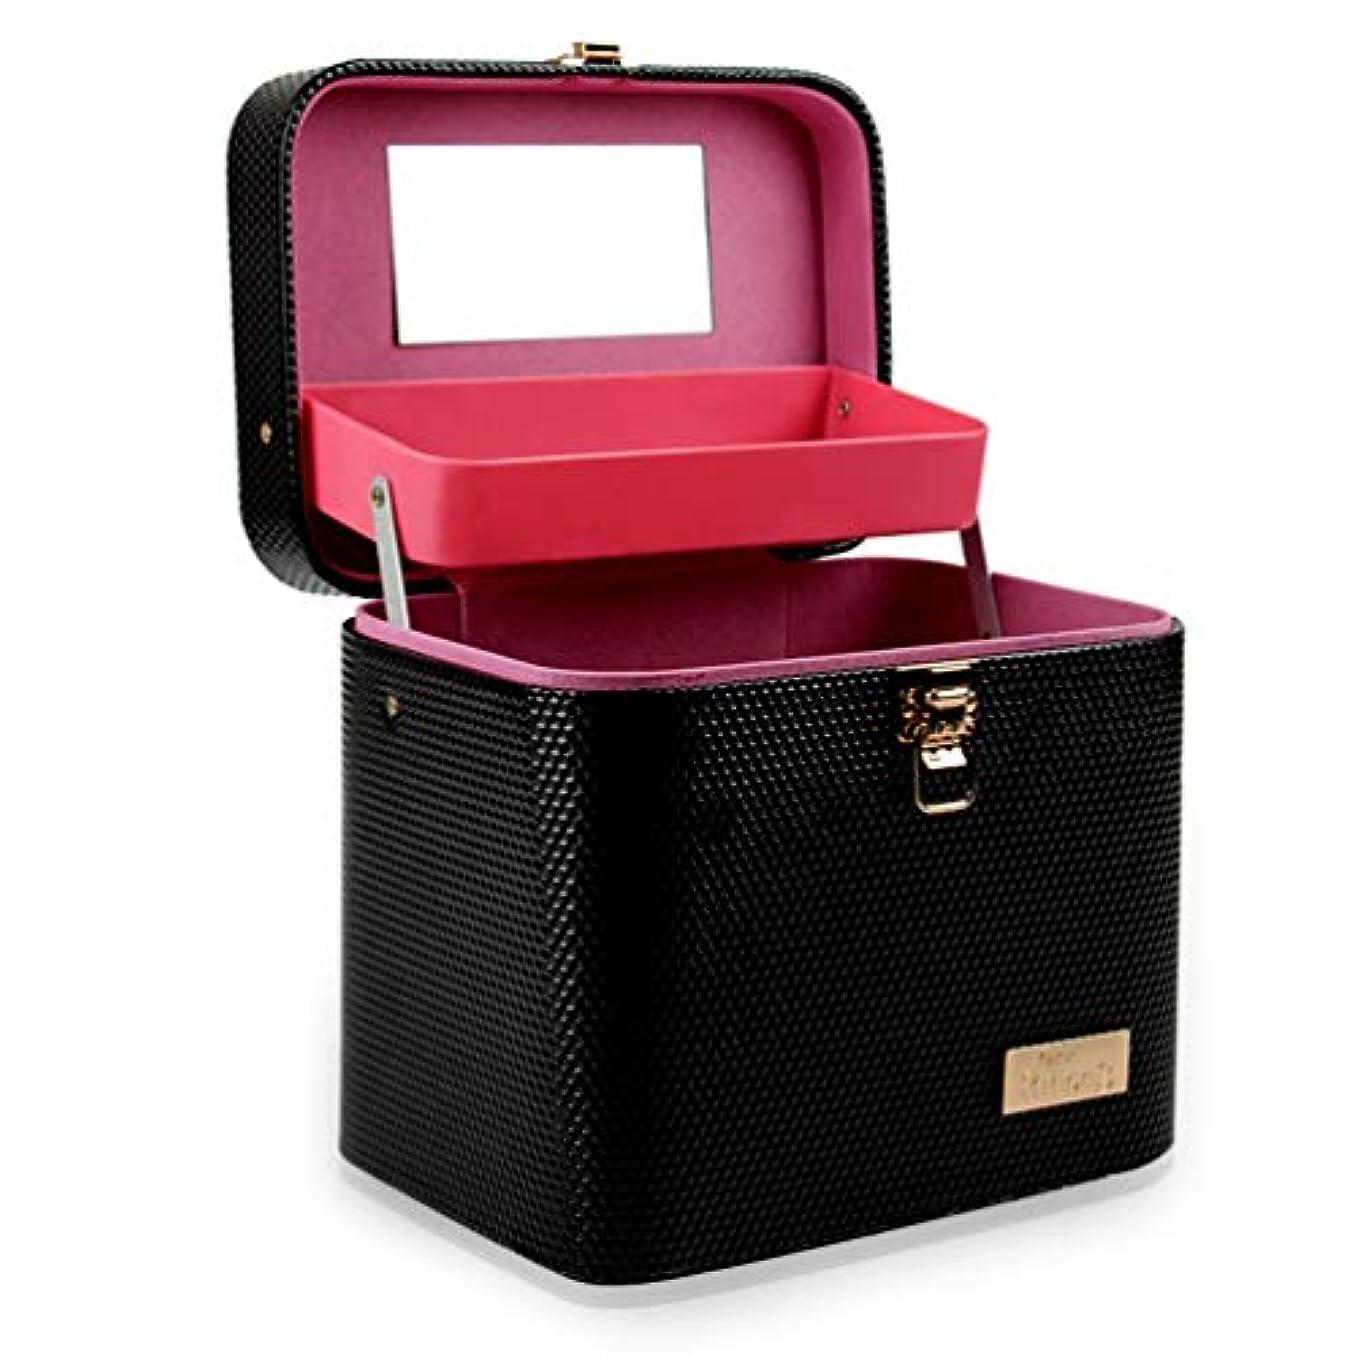 生き残ります乱れ完全に[カタク]メイクボックス コスメボックス 大容量 鏡付き 2段タイプ 化粧ボックス おしゃれ 取っ手付 携帯便利 化粧道具 メイクブラシ 小物 出張 旅行 機能的 PUレザー プロ仕様 化粧ポーチ コスメBOX